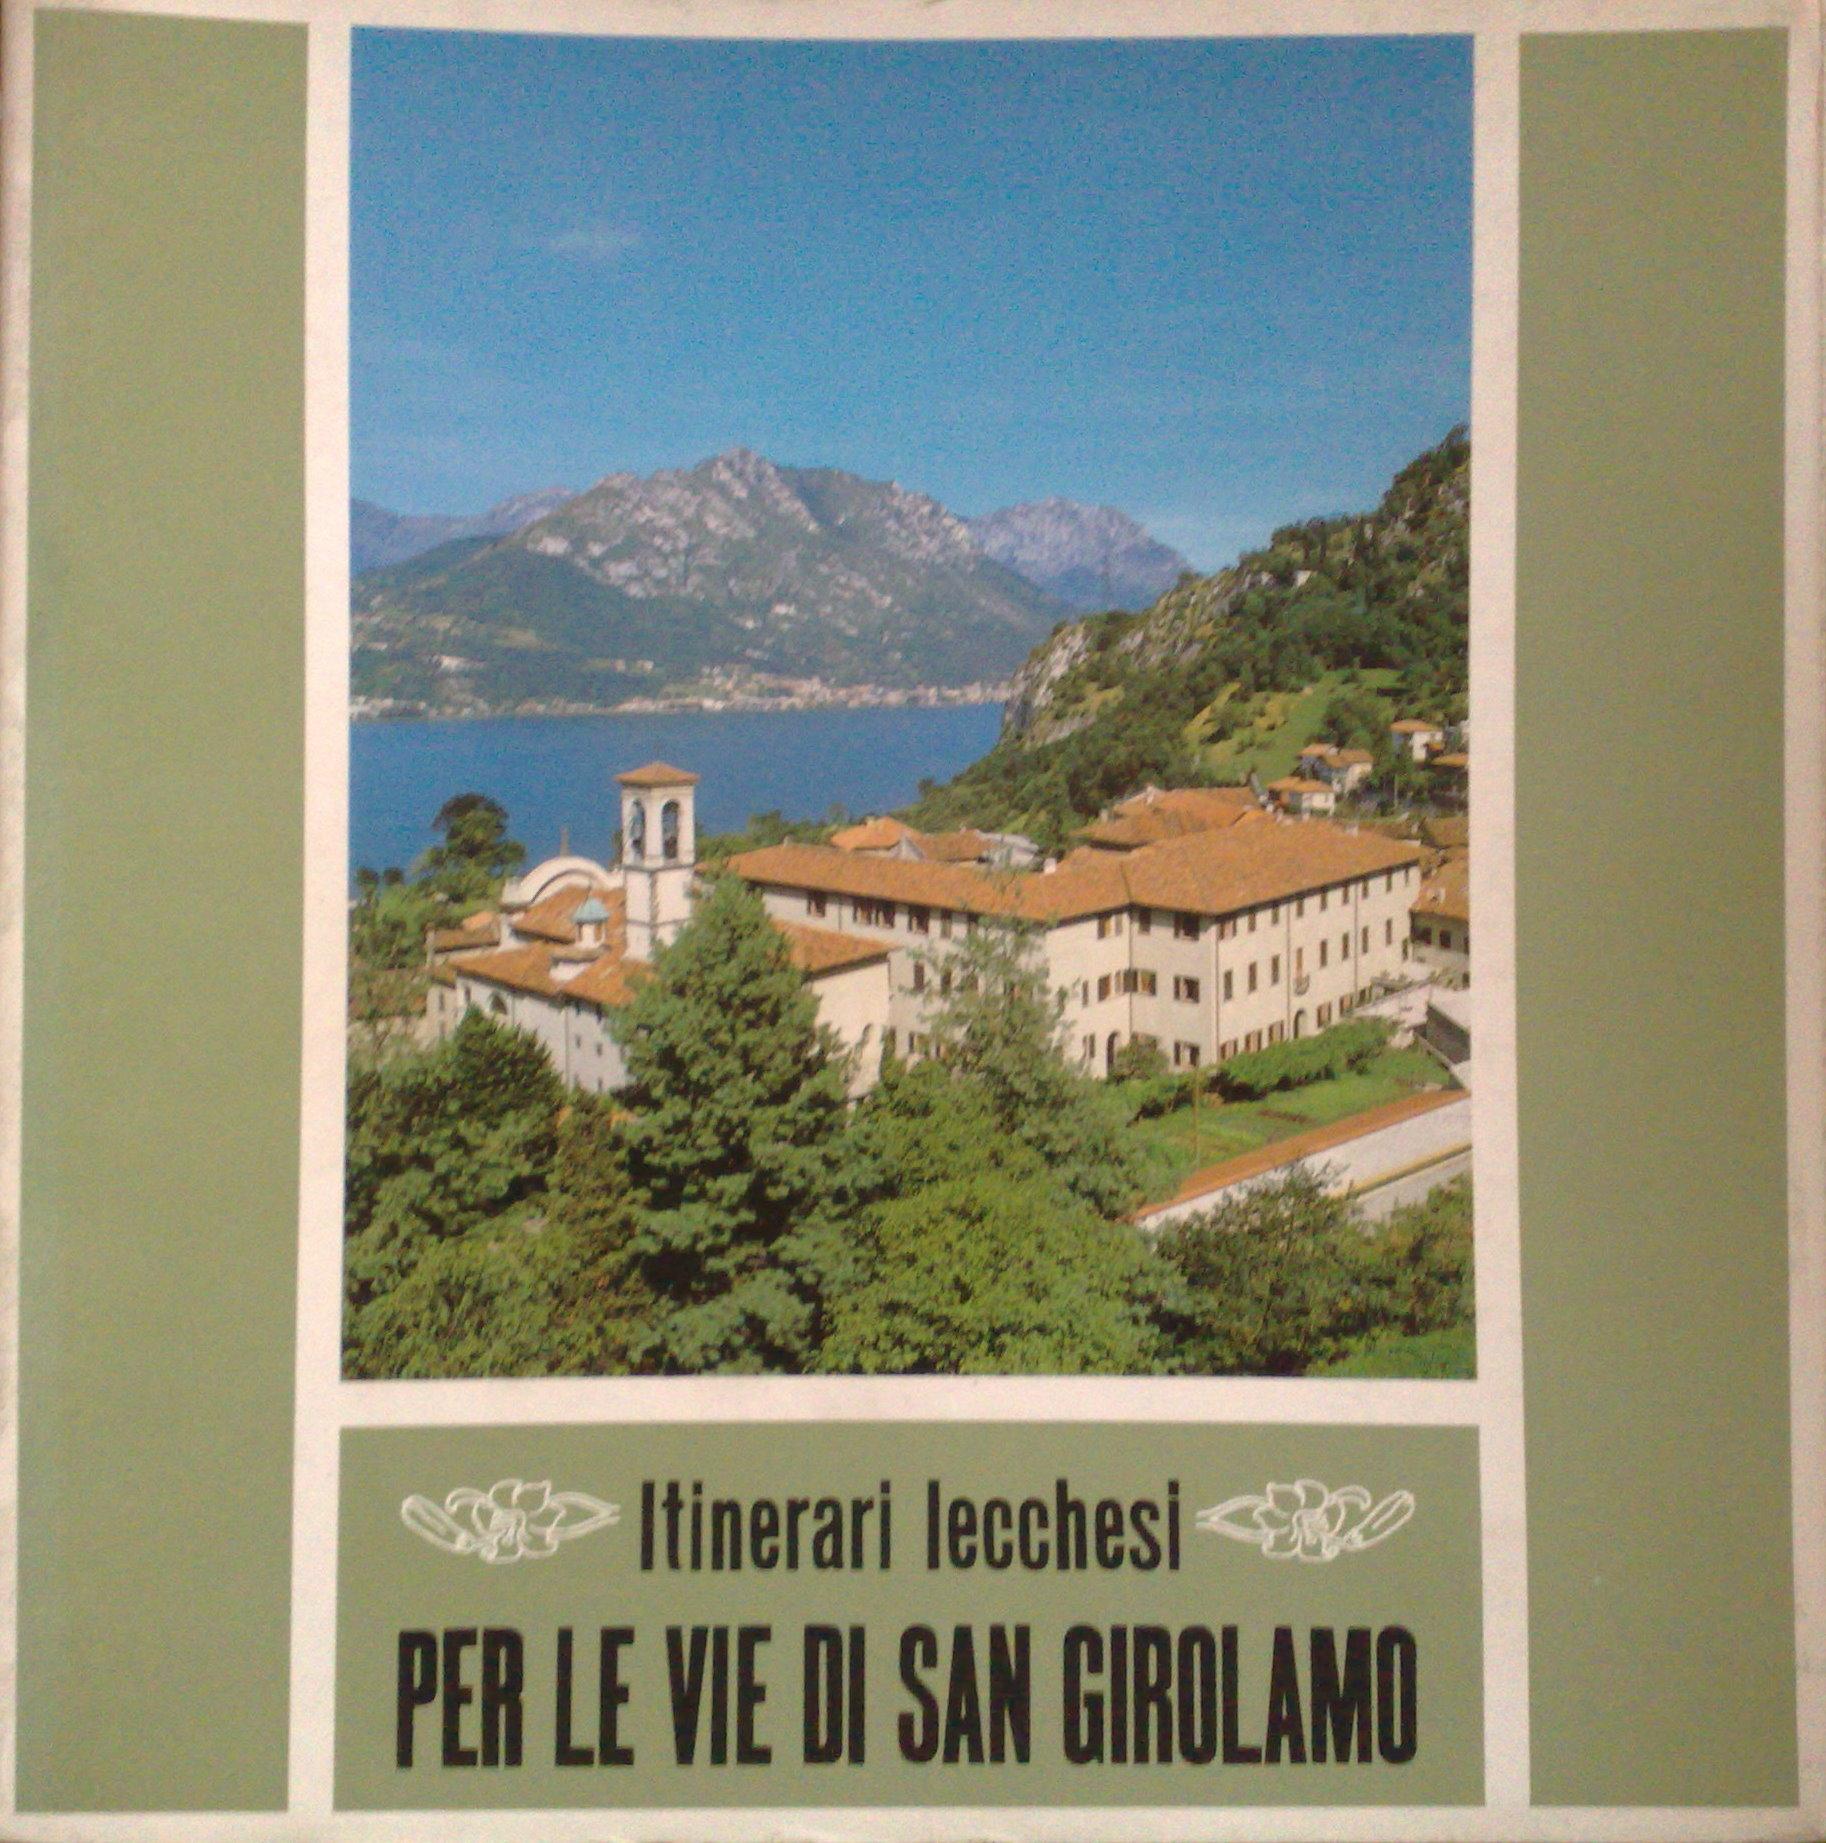 Per le vie di San Girolamo